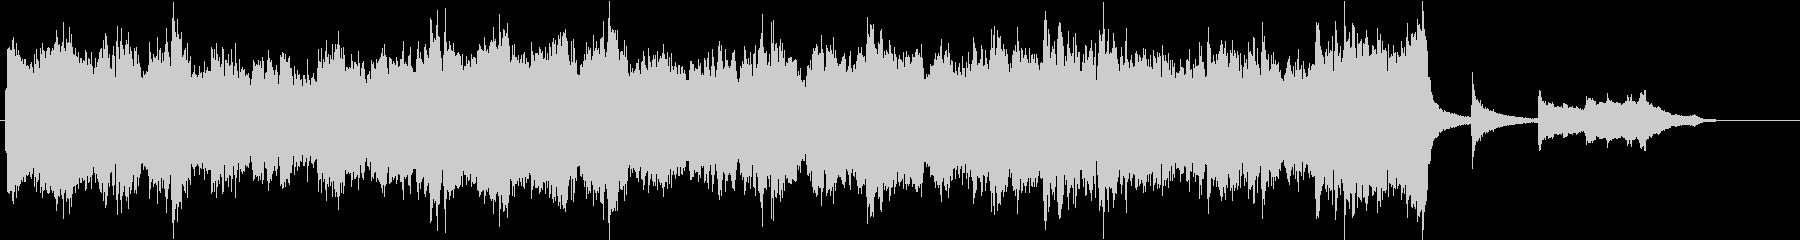 感動的ハリウッド風オーケストラ(短縮版)の未再生の波形